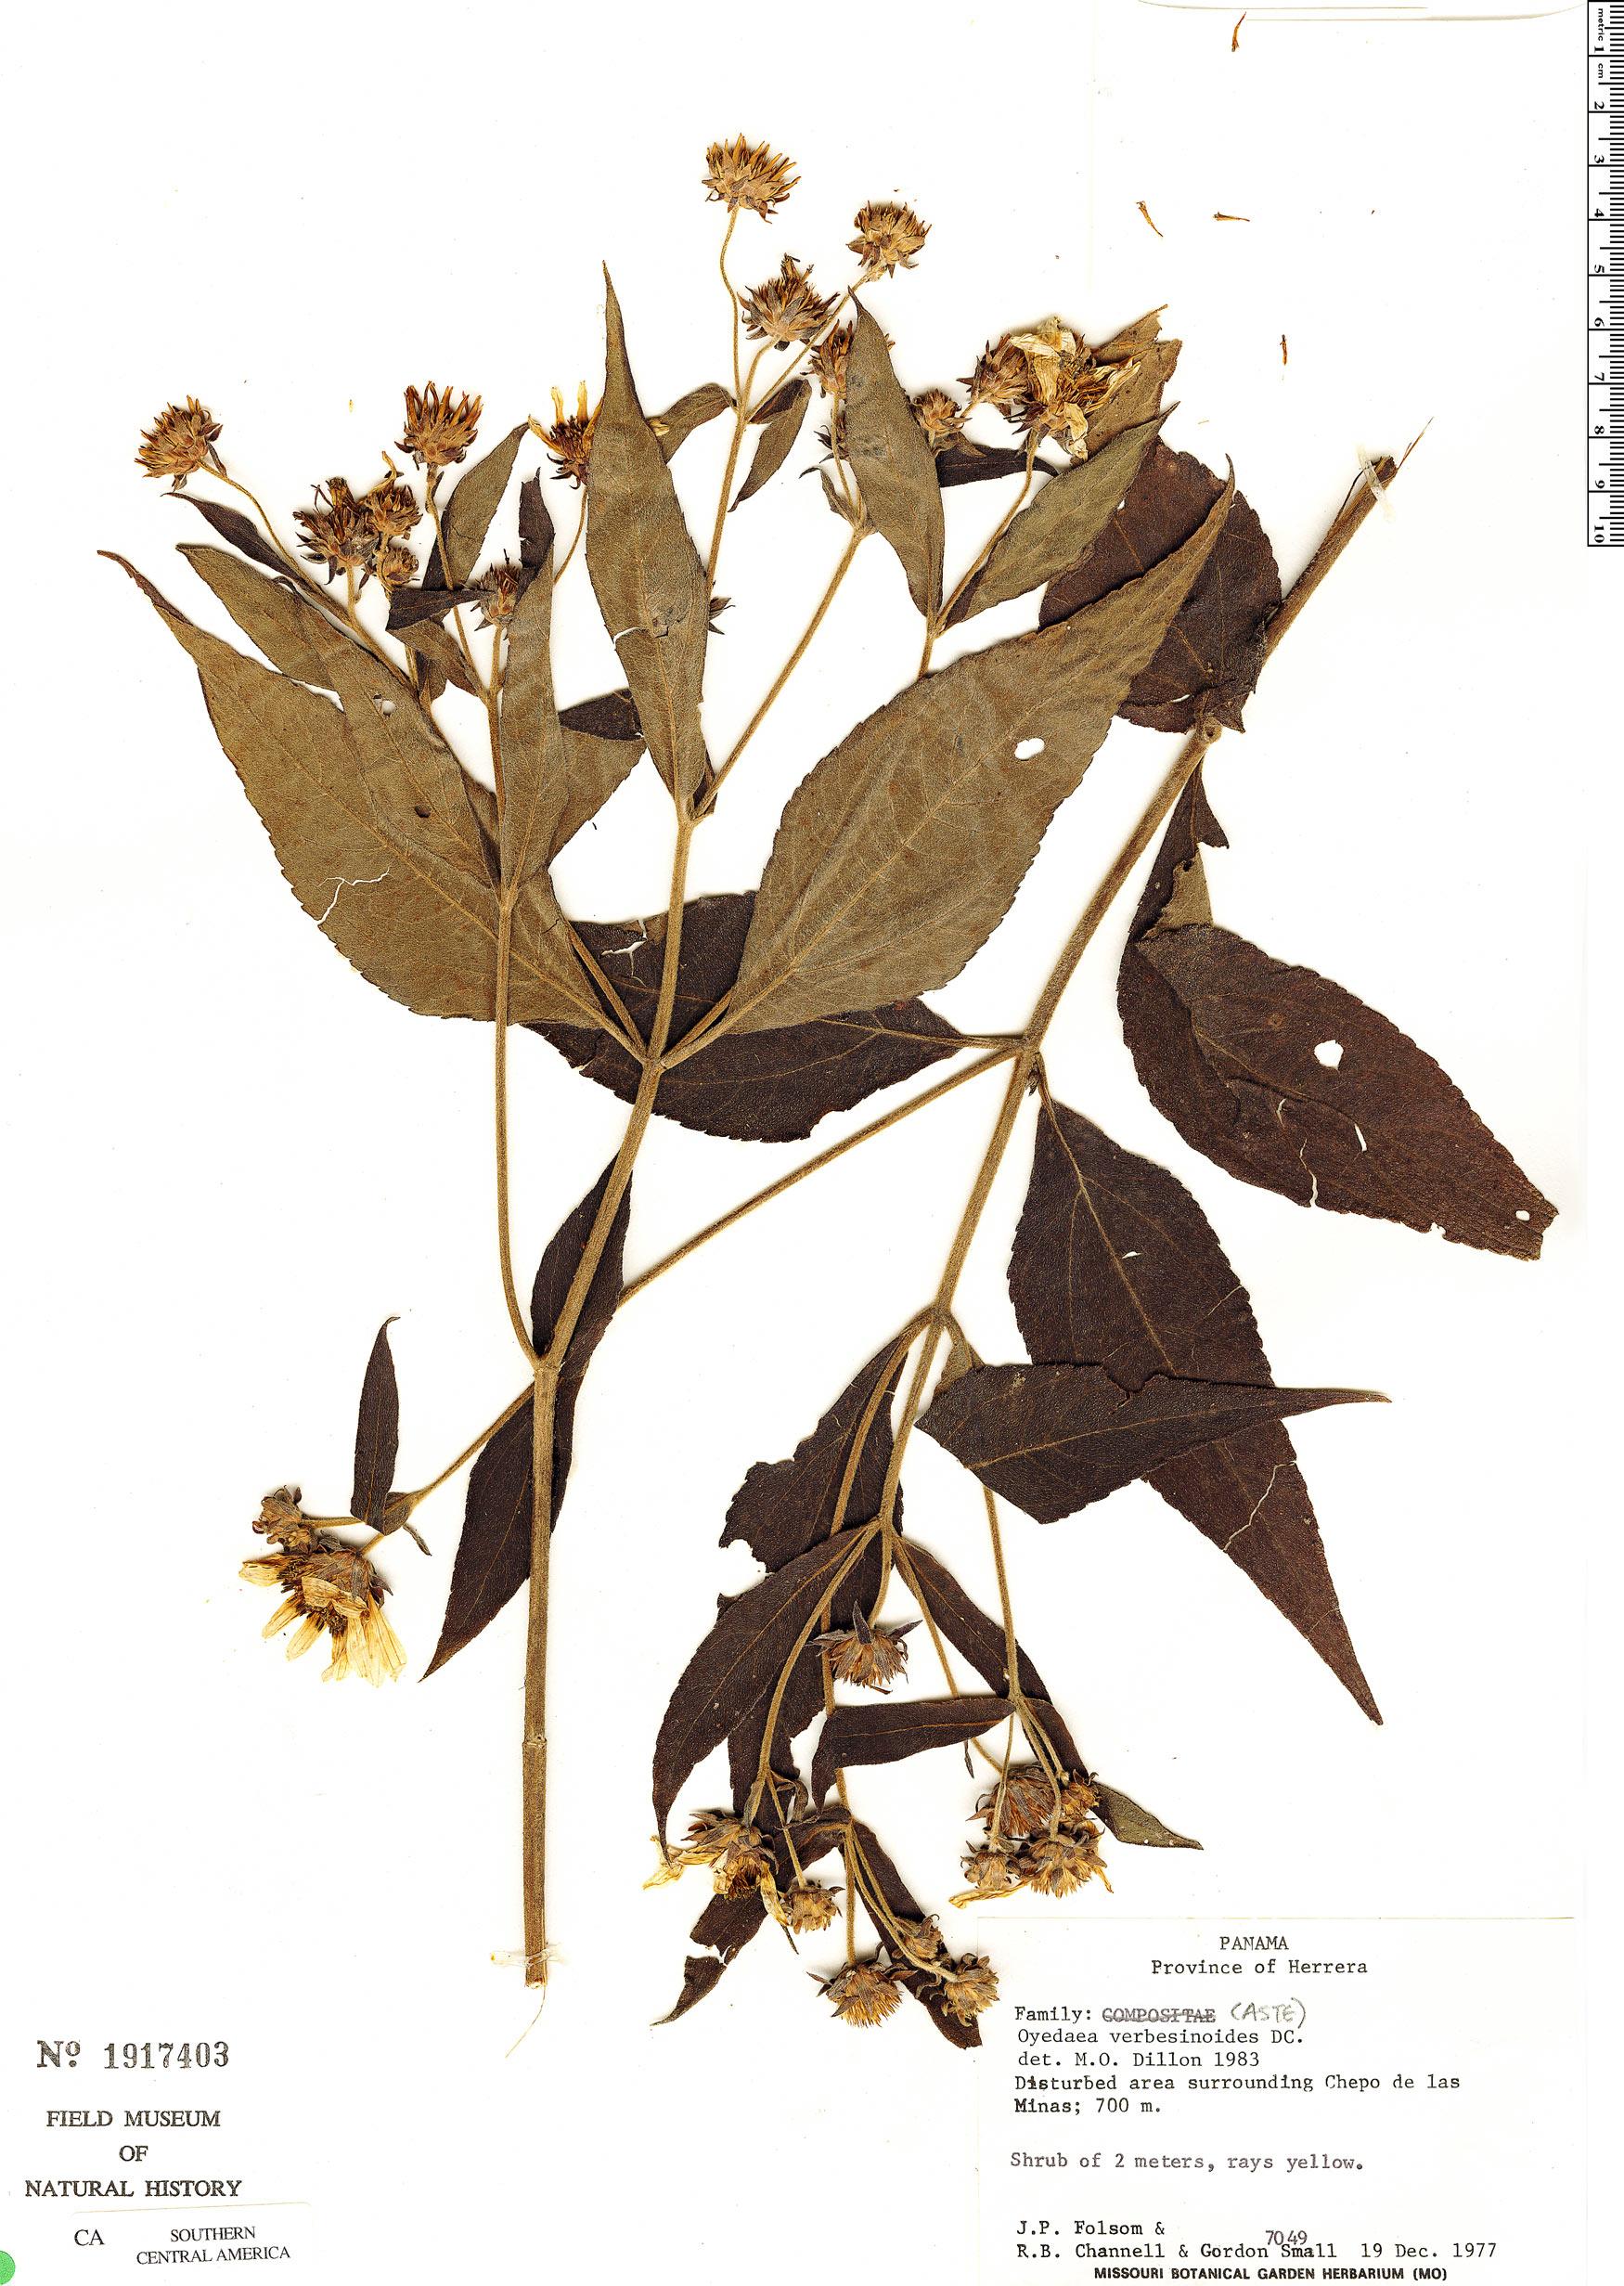 Espécime: Oyedaea verbesinoides